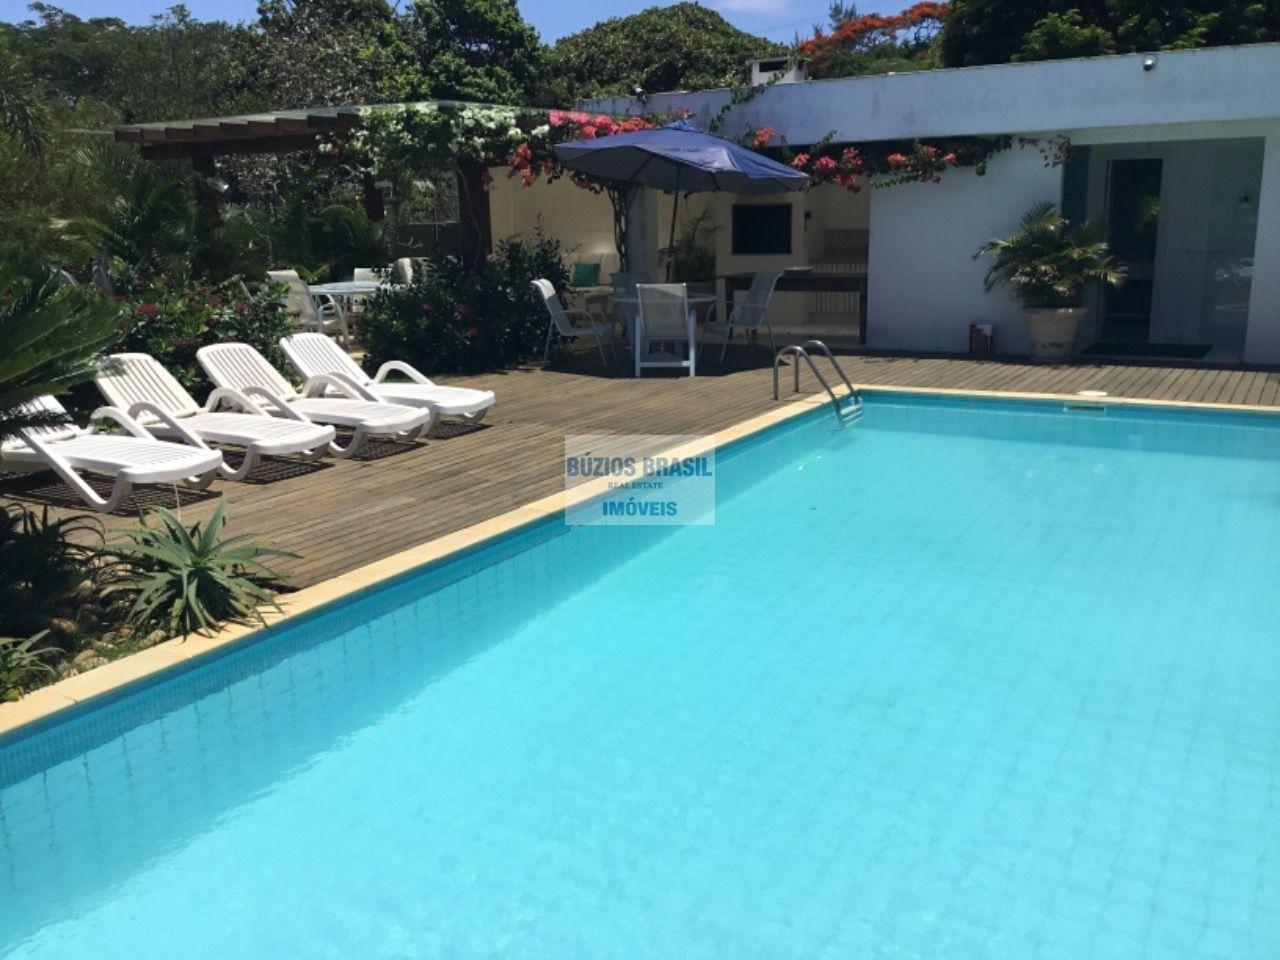 Casa 7 quartos para alugar Ferradura, Ferradura 70m Praia,Armação dos Búzios - LTFR1 - 5